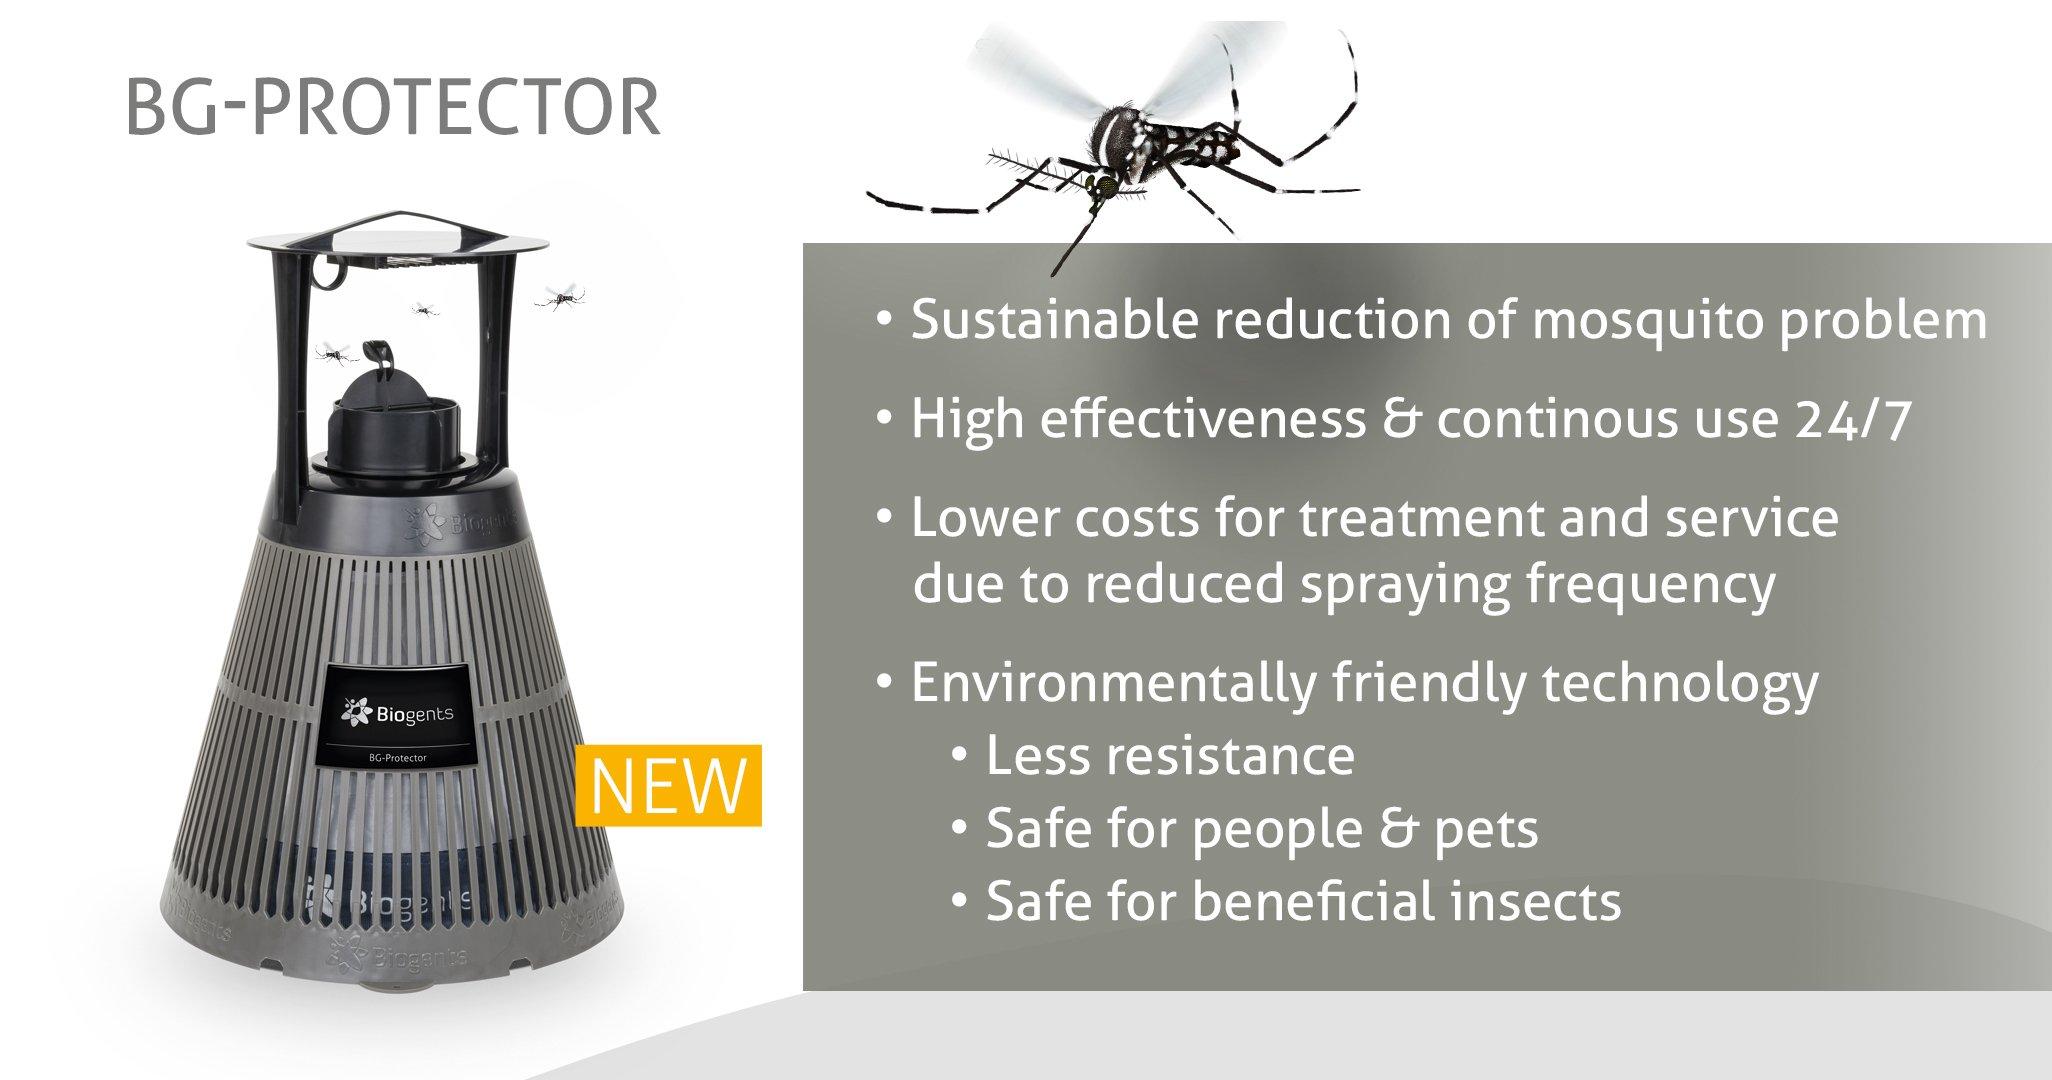 BG-Protector-2052x1080-PR-white-bg